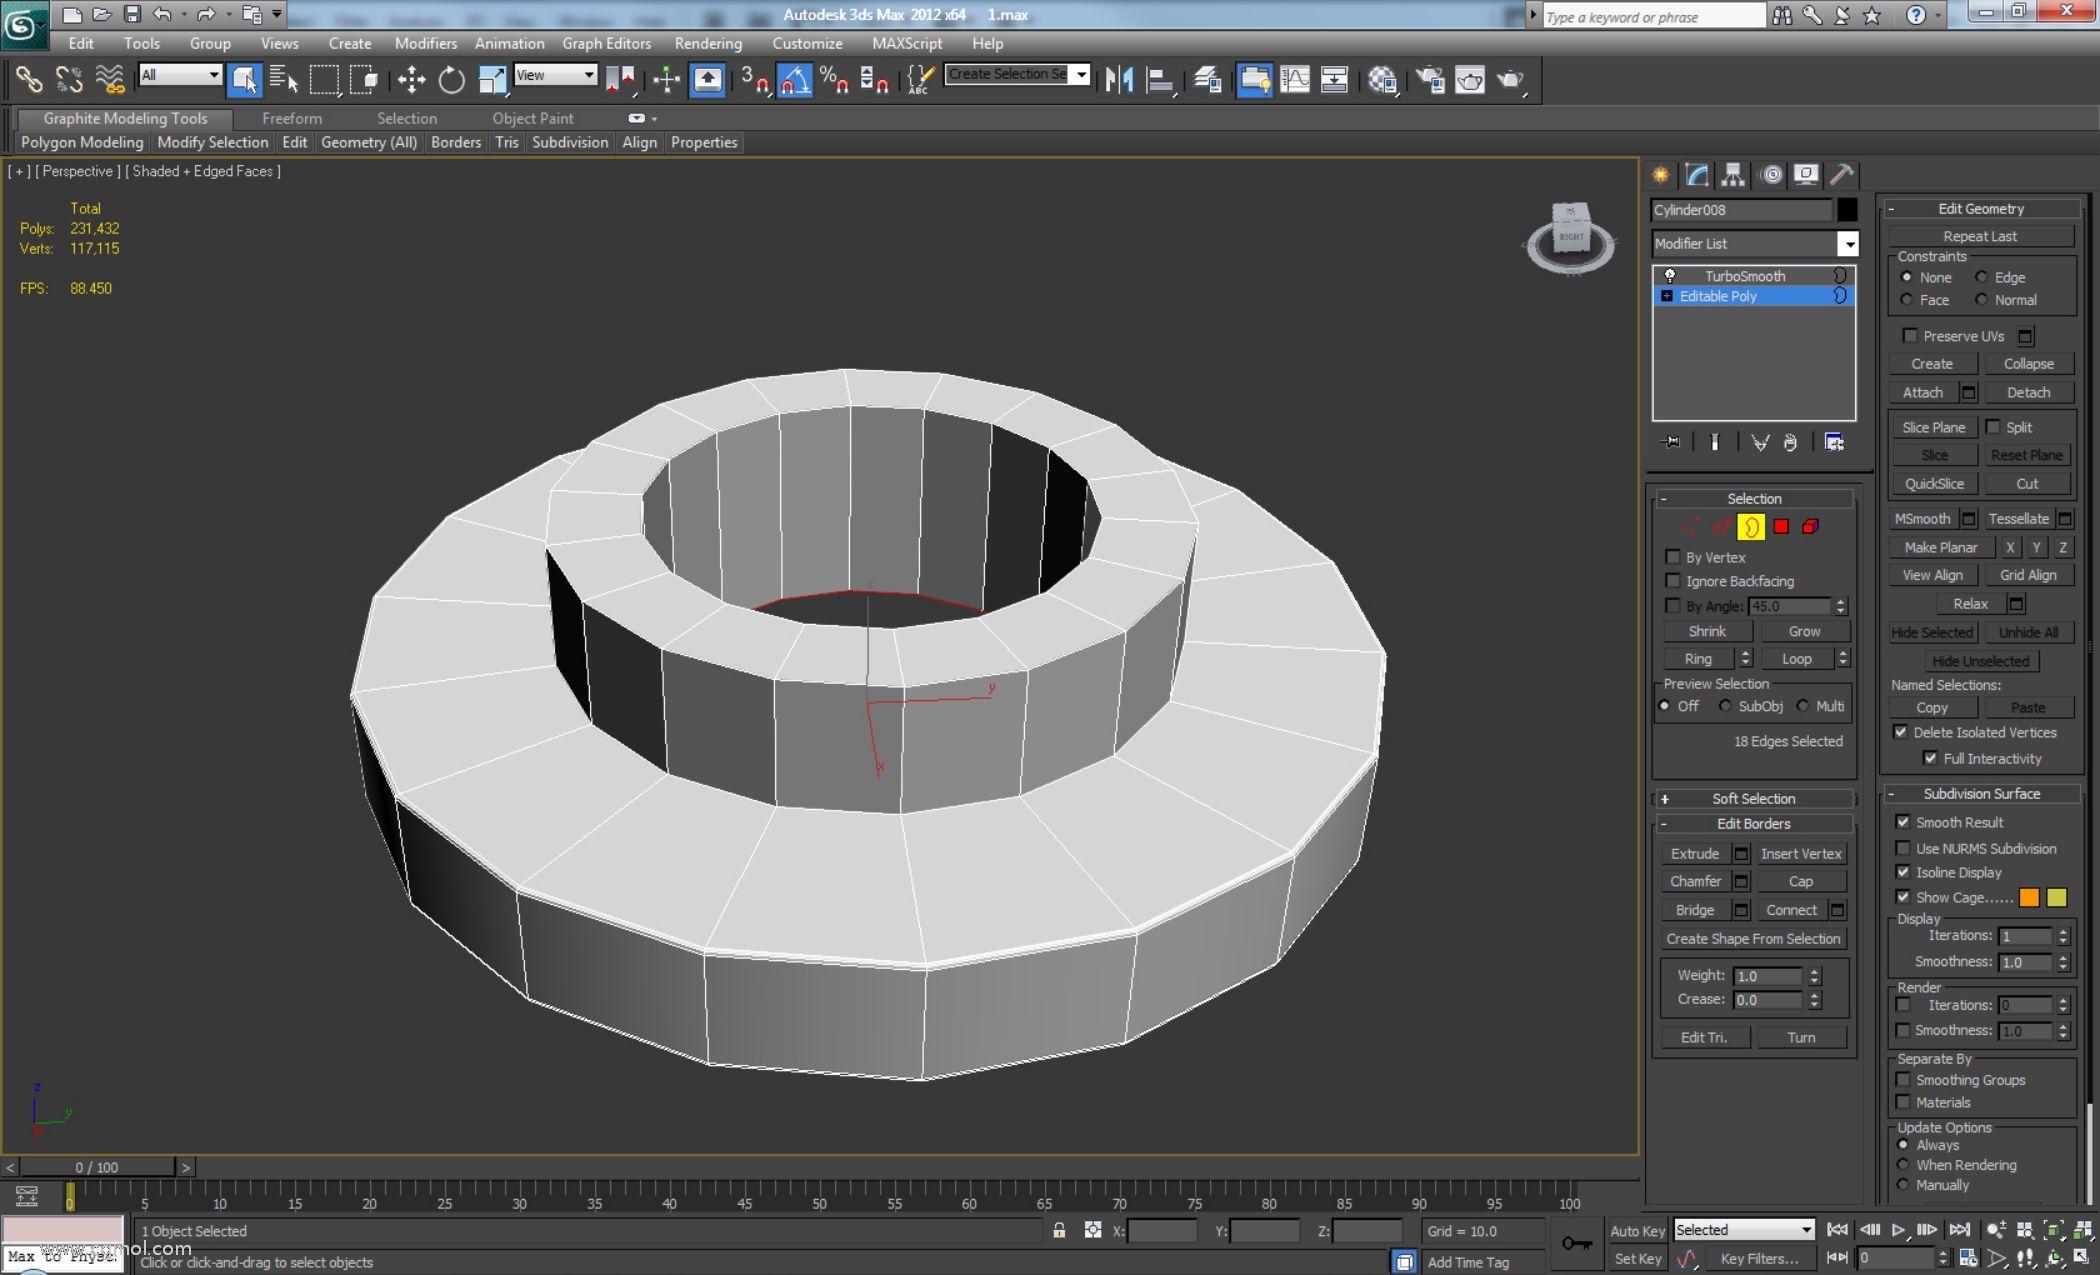 删除顶轮的顶部多边形。使用Shift +拖动和Shift + Scale,插入并拉伸边以创建如下所示的形状。